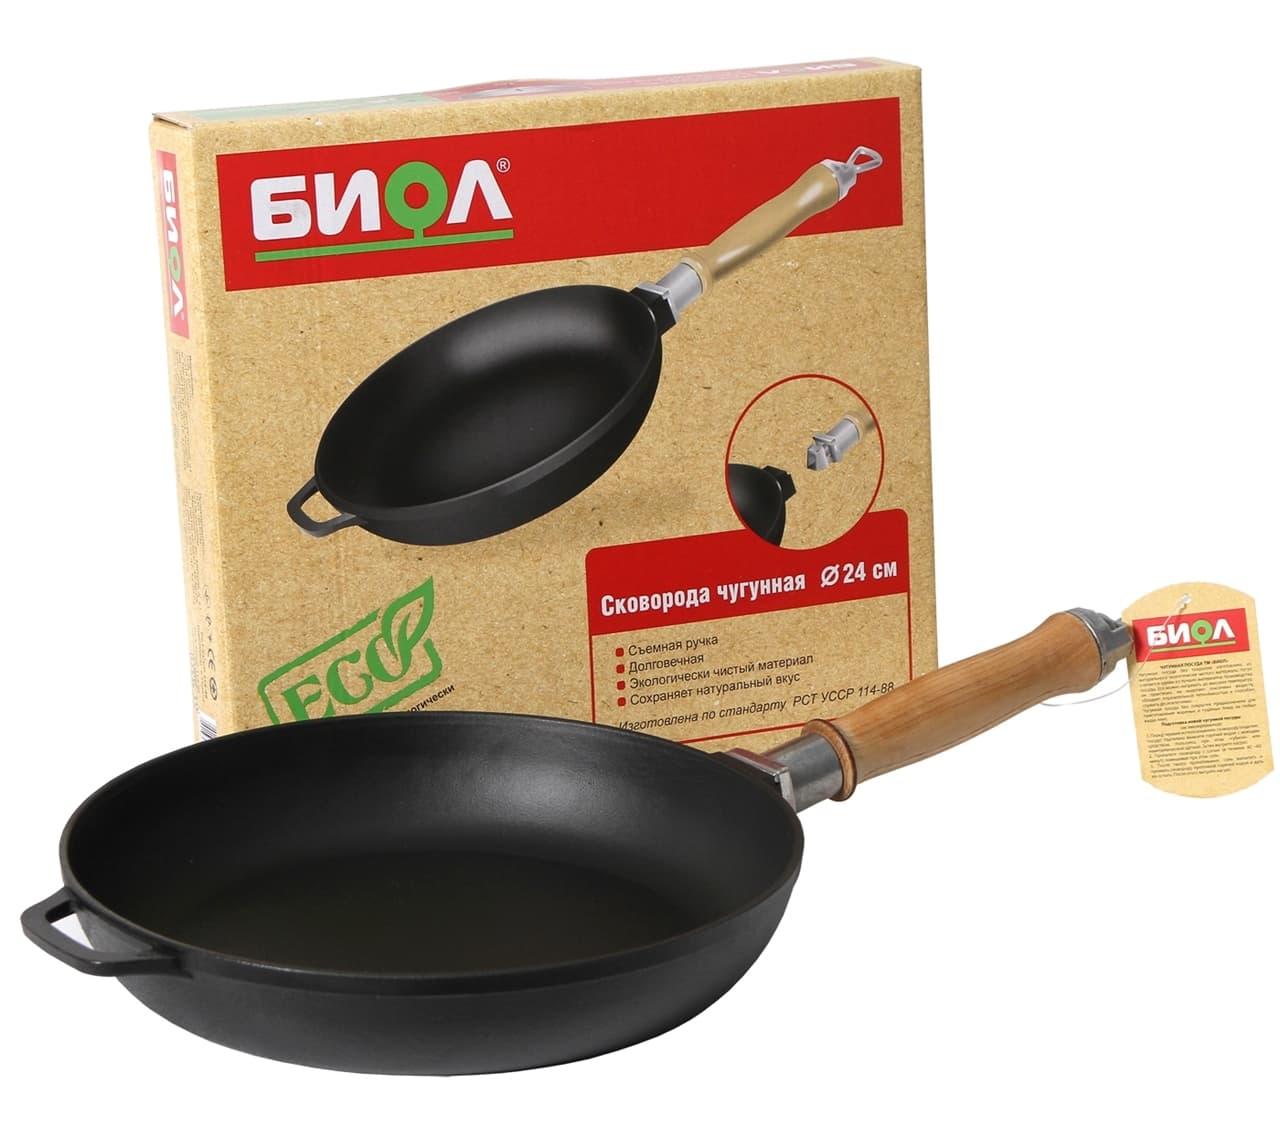 Чугунная сковорода 220х40 мм. с деревянной ручкой БИОЛ арт. 0122 - фото 4985